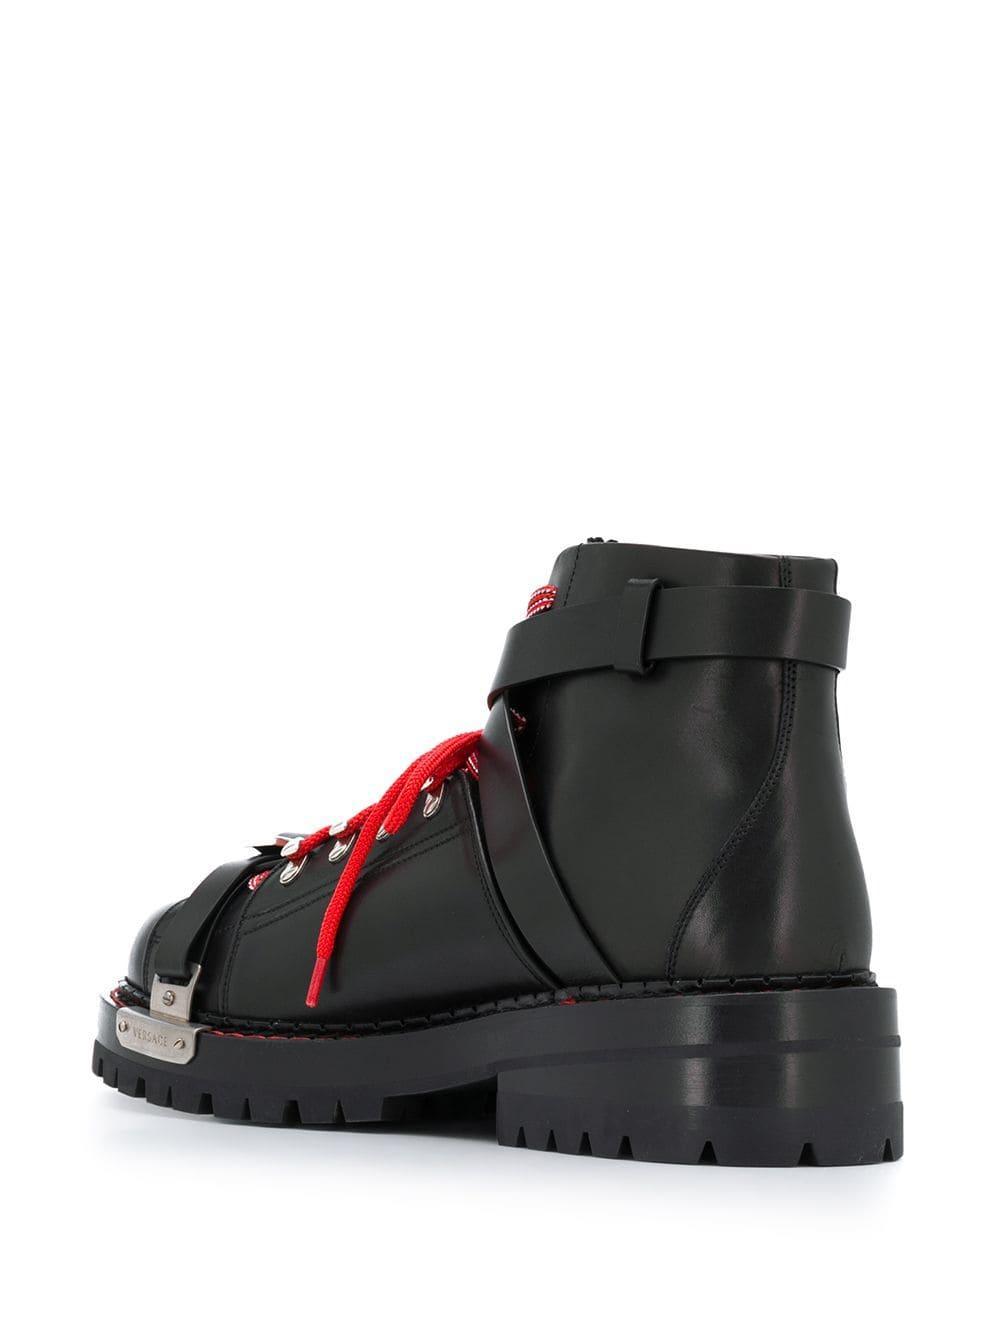 Botas militares Versace de Caucho de color Negro para hombre